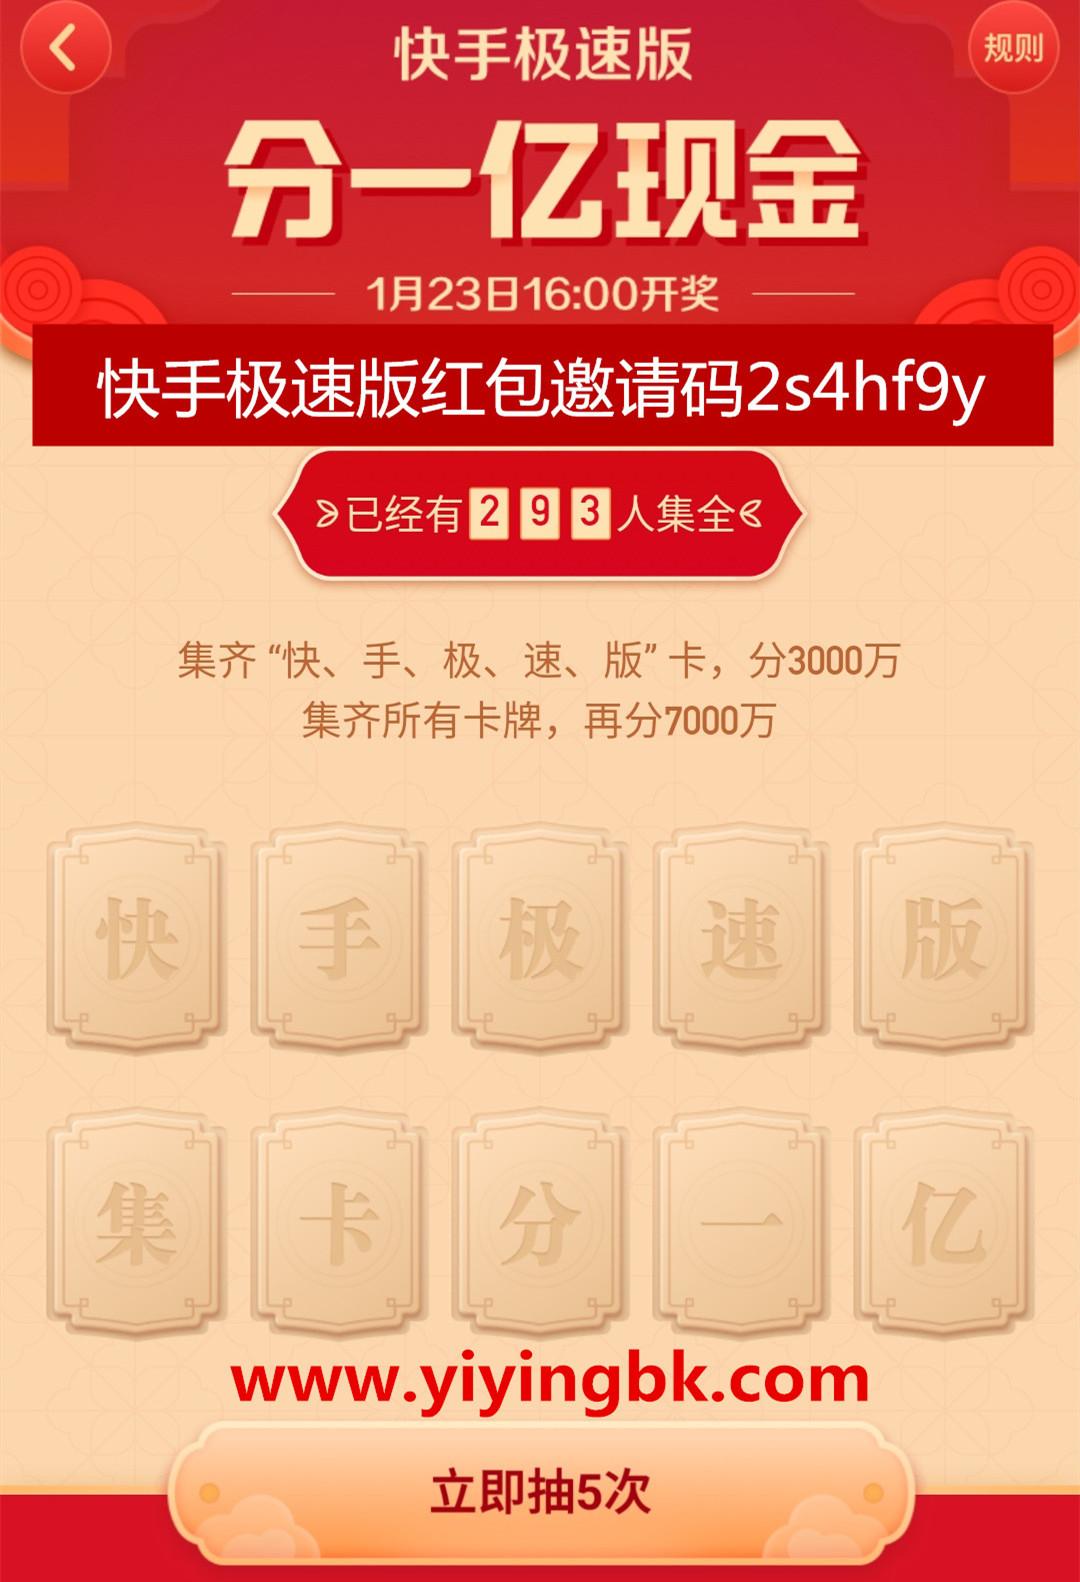 快手极速版,集齐字卡瓜分一亿现金红包活动。